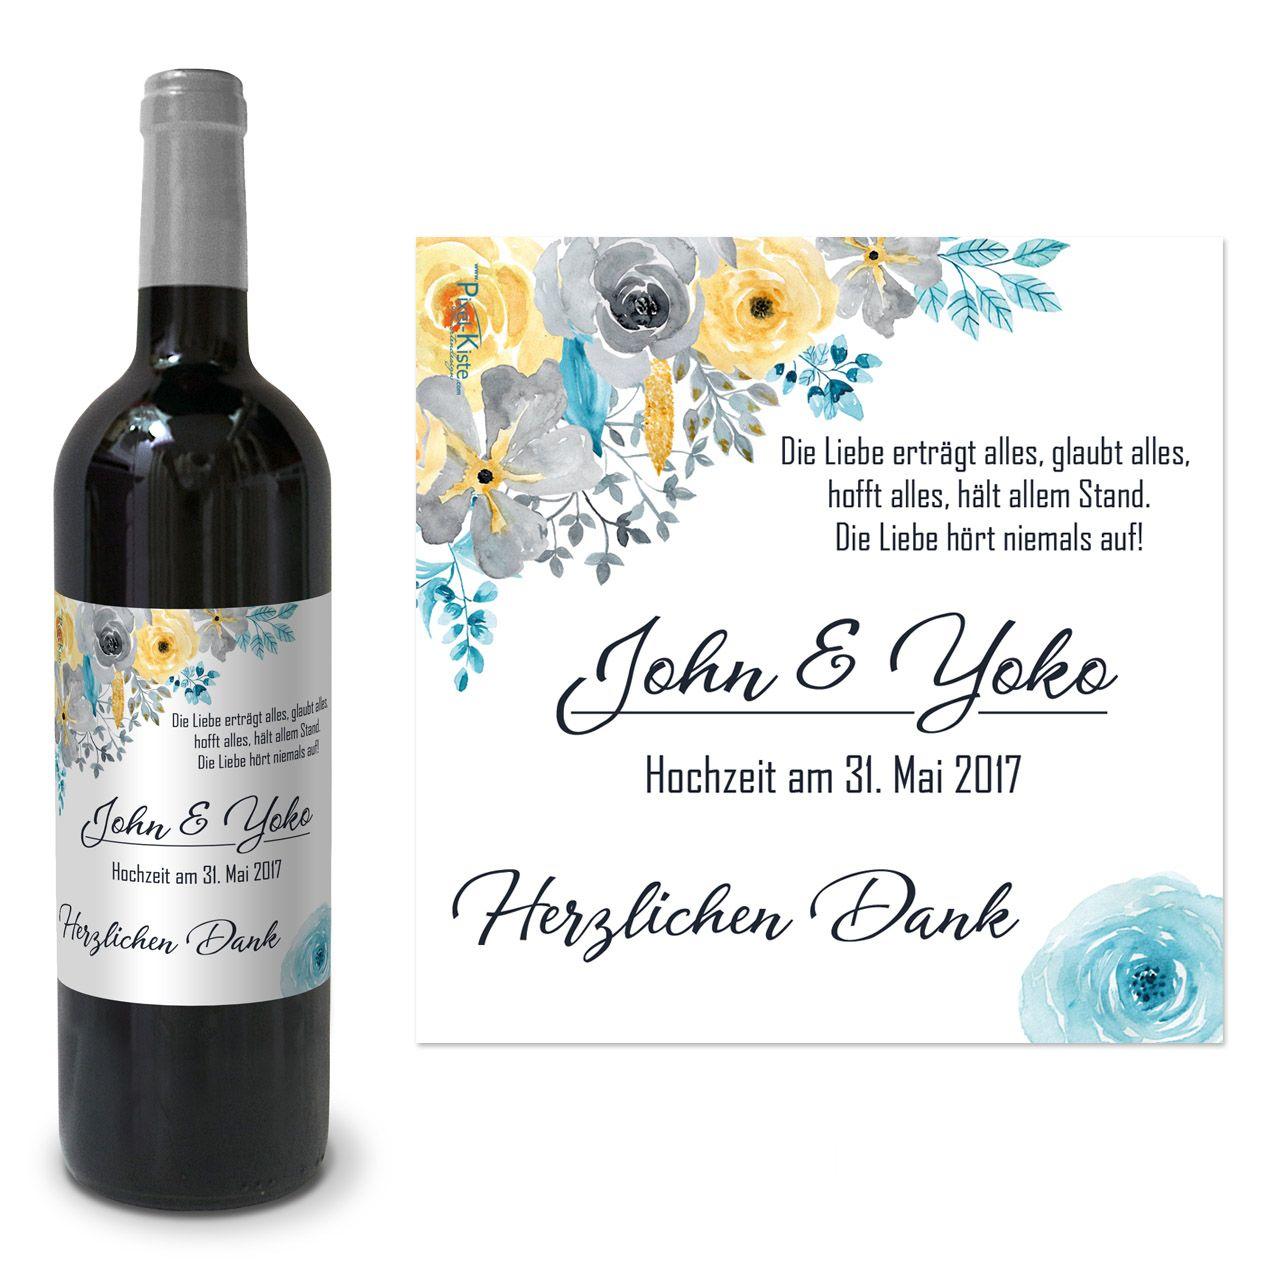 Bedruckte Weinetiketten Hochzeit Aquarell Bluten Gastgeschenk Giveaway Weinetiketten Etiketten Weinflasche